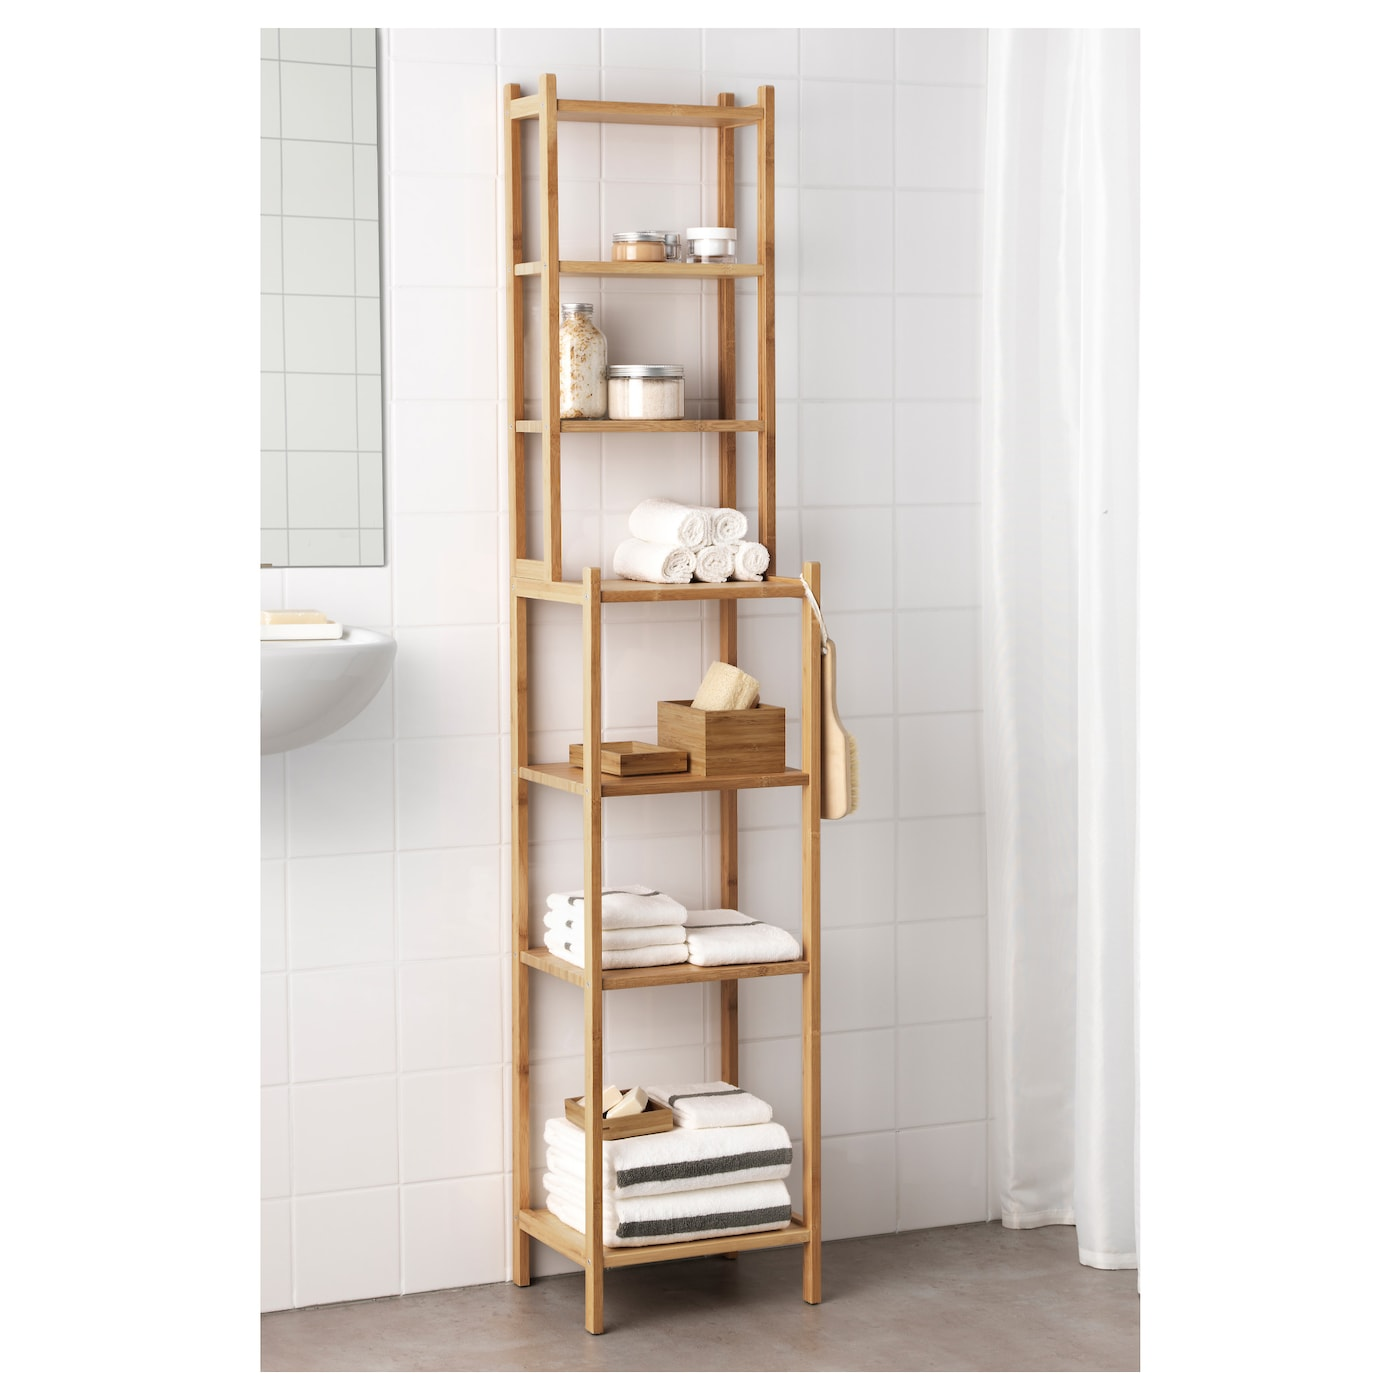 r grund tag re bambou 33 cm ikea. Black Bedroom Furniture Sets. Home Design Ideas